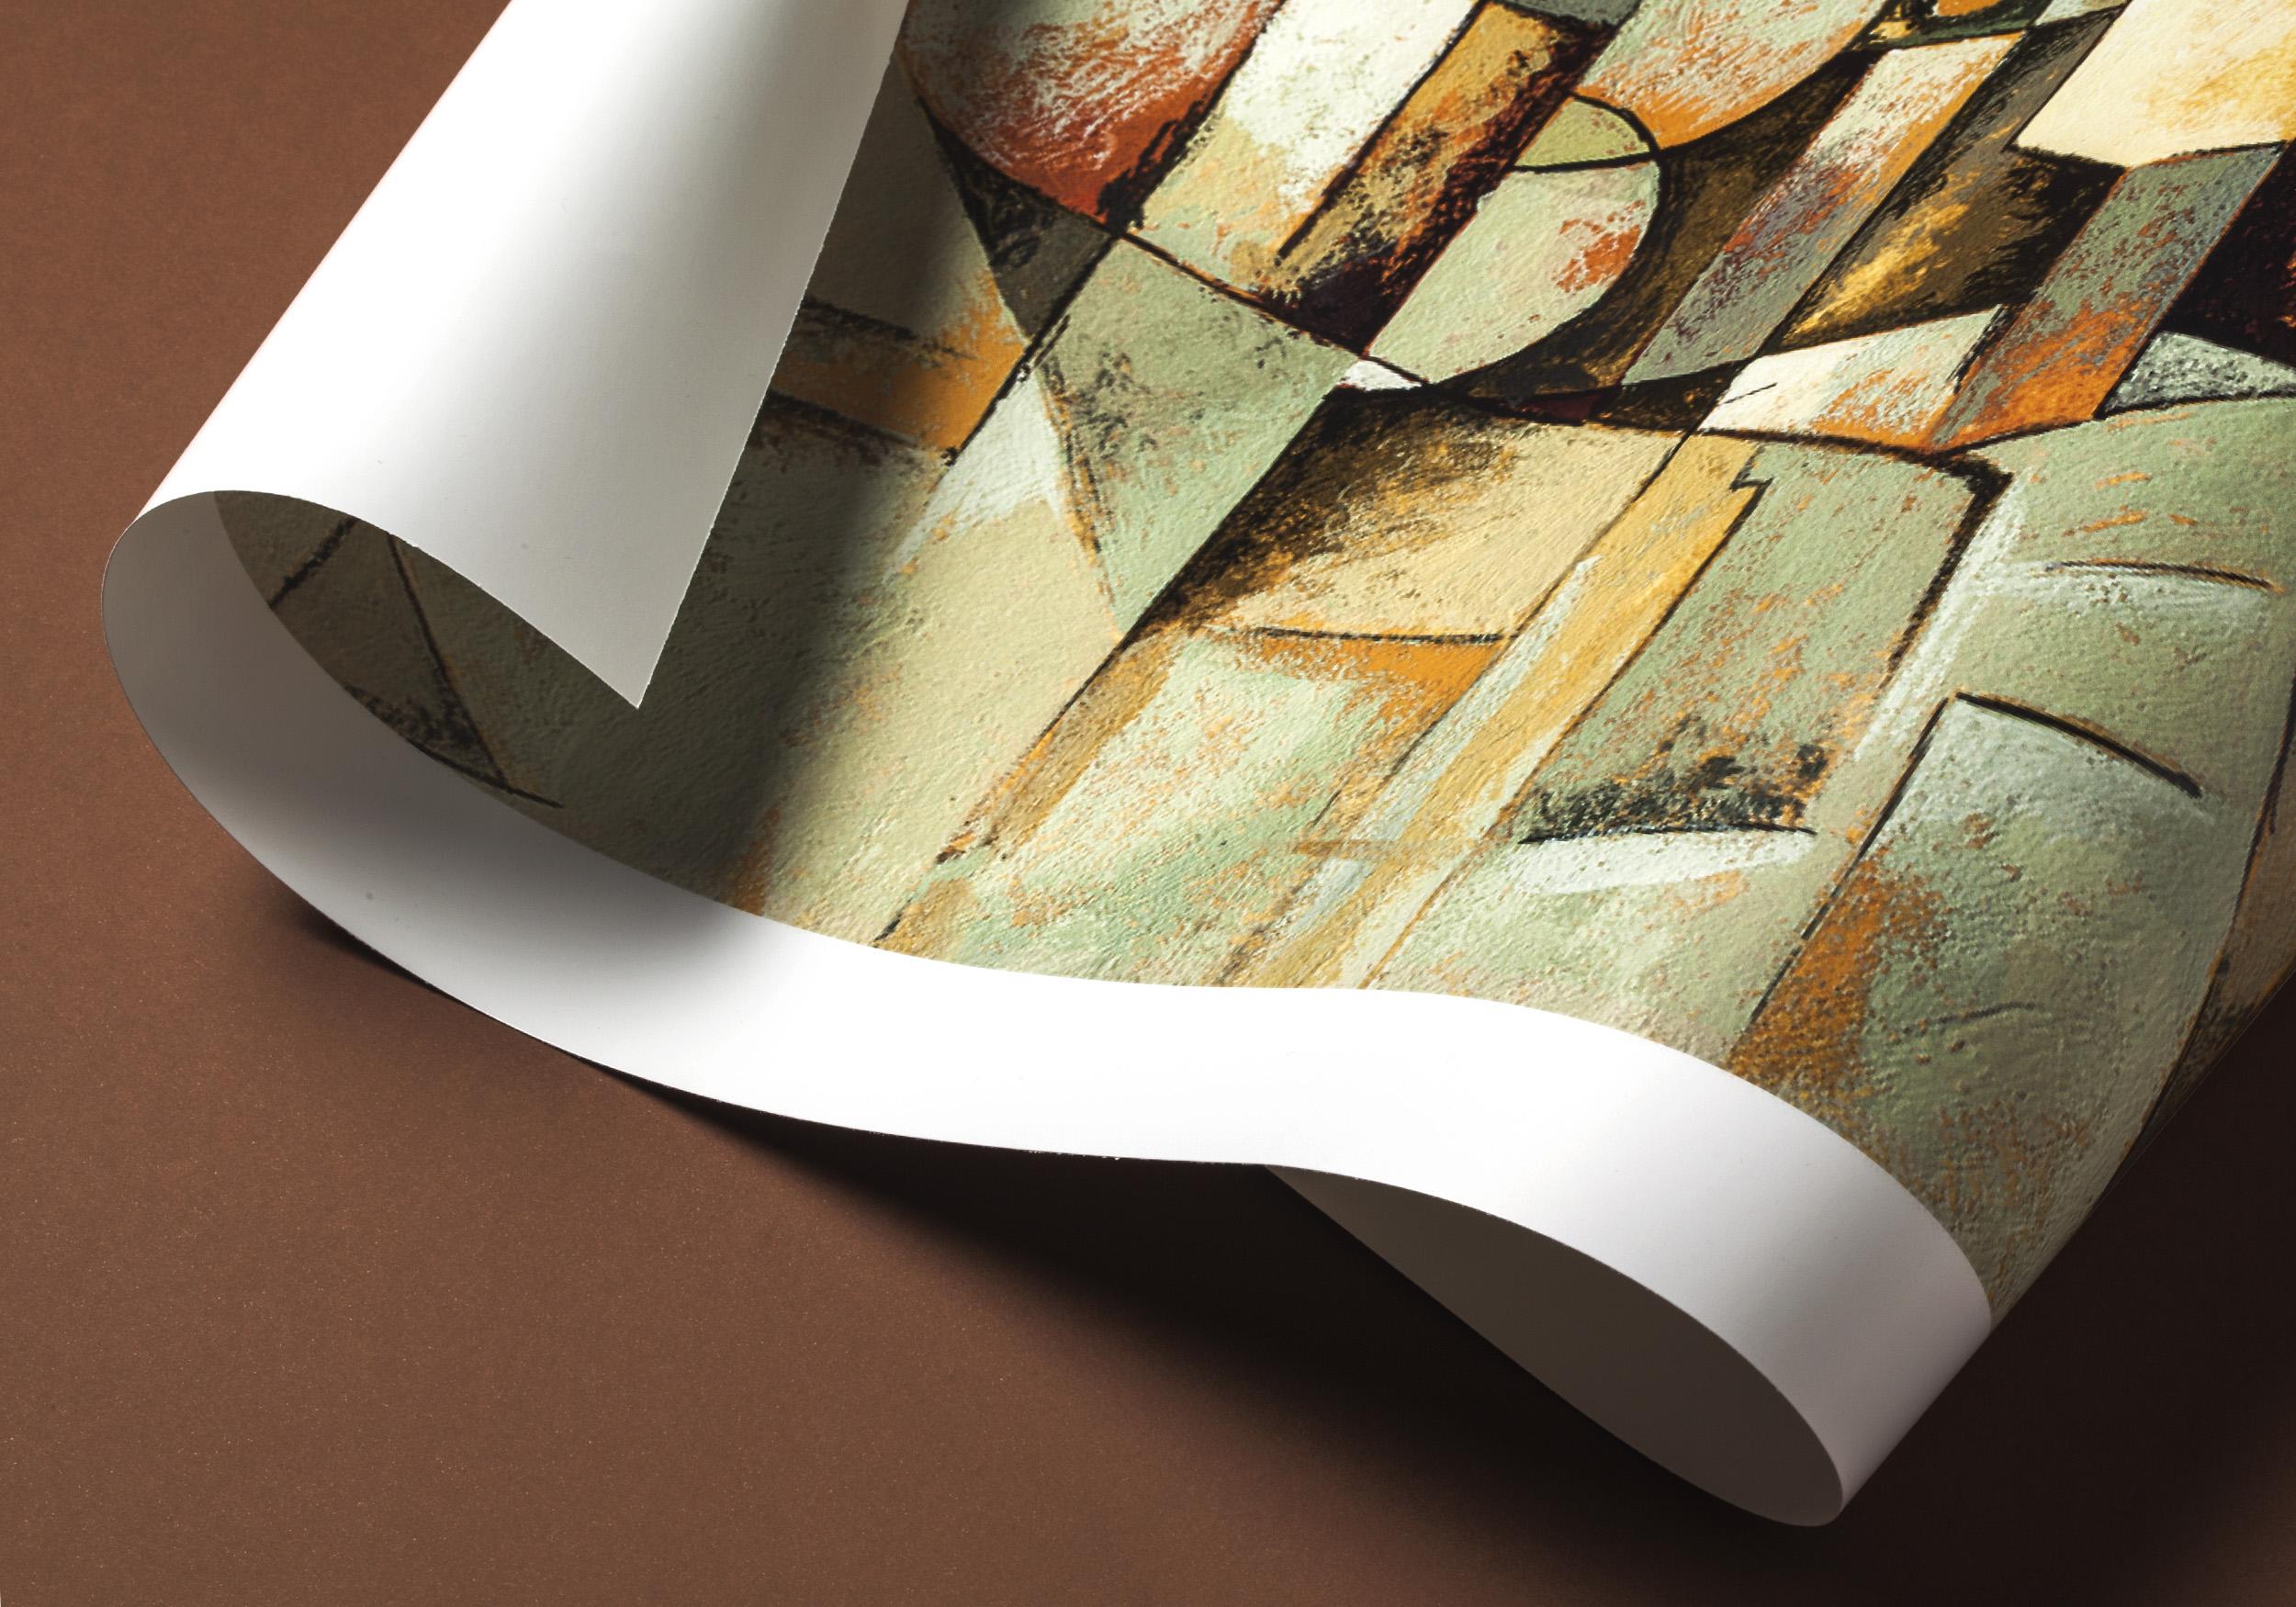 Detalle del póster Cubism de LetterArt